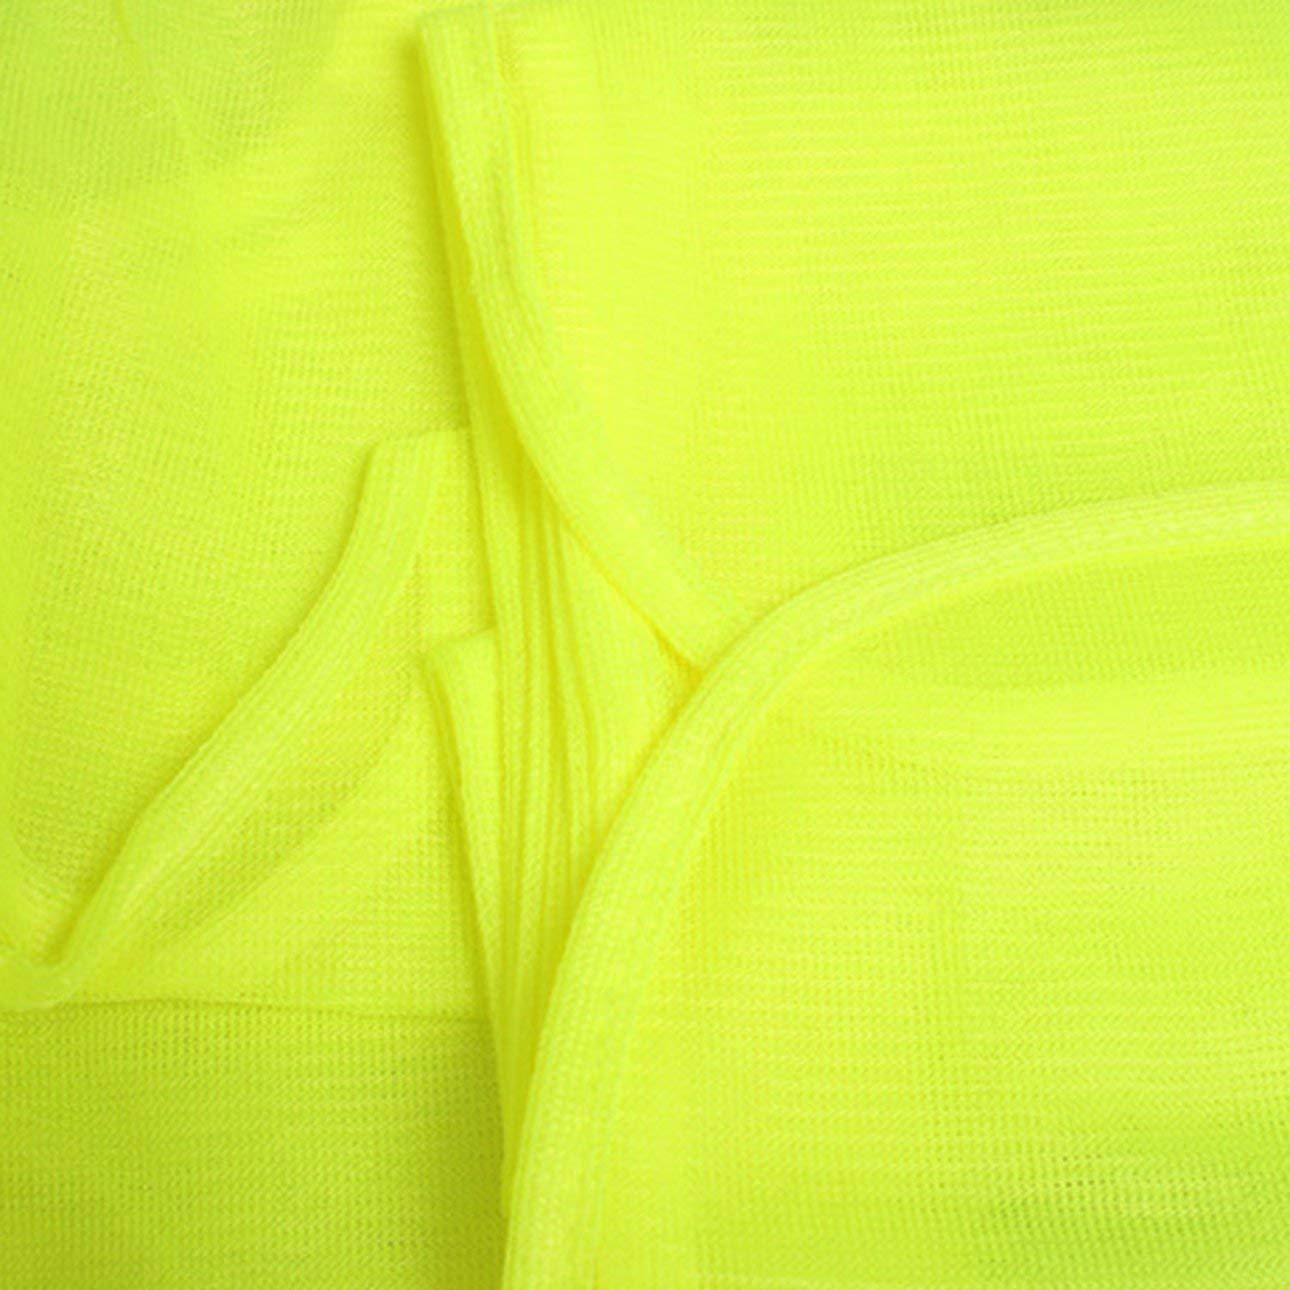 normes ANSI//ISEA boucle et crochet Celerhuak Gilet de s/écurit/é haute visibilit/é avec bandes r/éfl/échissantes